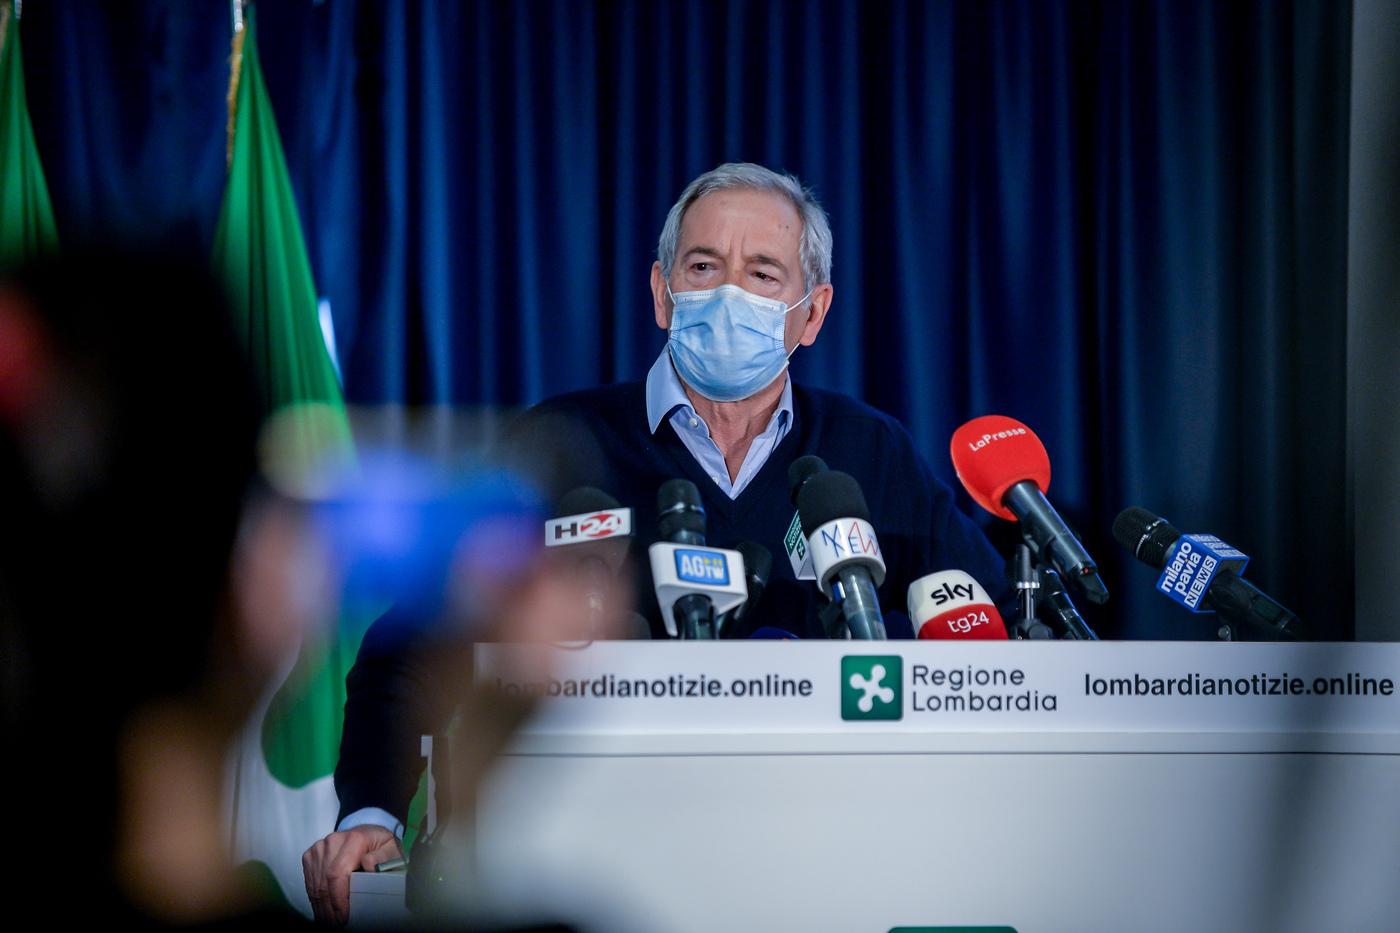 Regione Lombardia, Guido Bertolaso coordinatore del piano regionale dei vaccini anti Covid 19